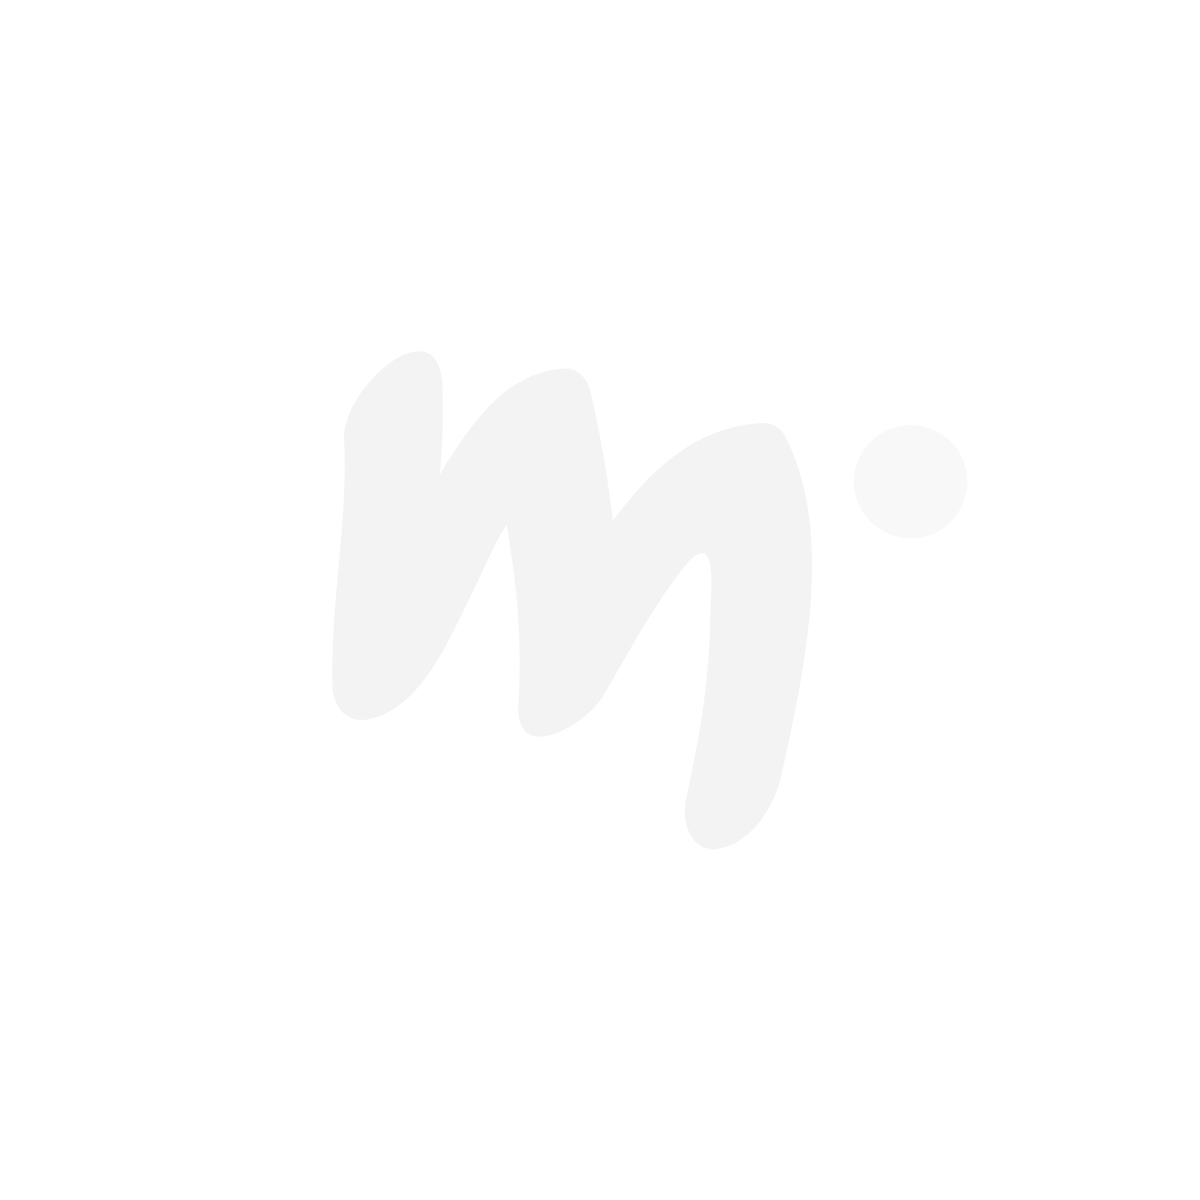 Peppi Pitkätossu Triangelit-aurinkohattu